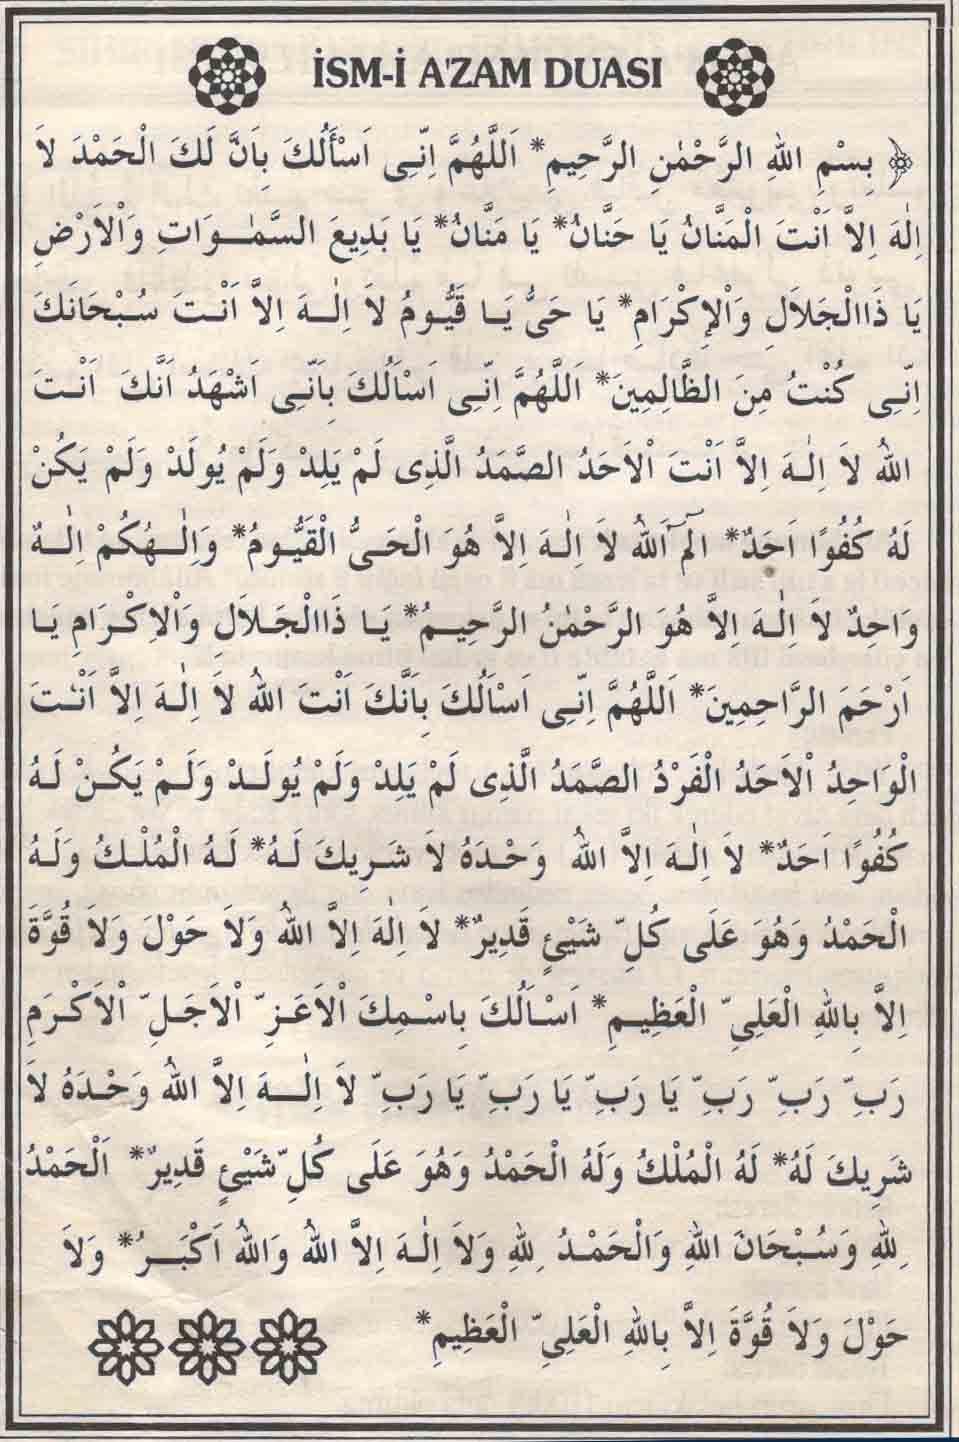 ismi azam duasi arapca ile ilgili görsel sonucu